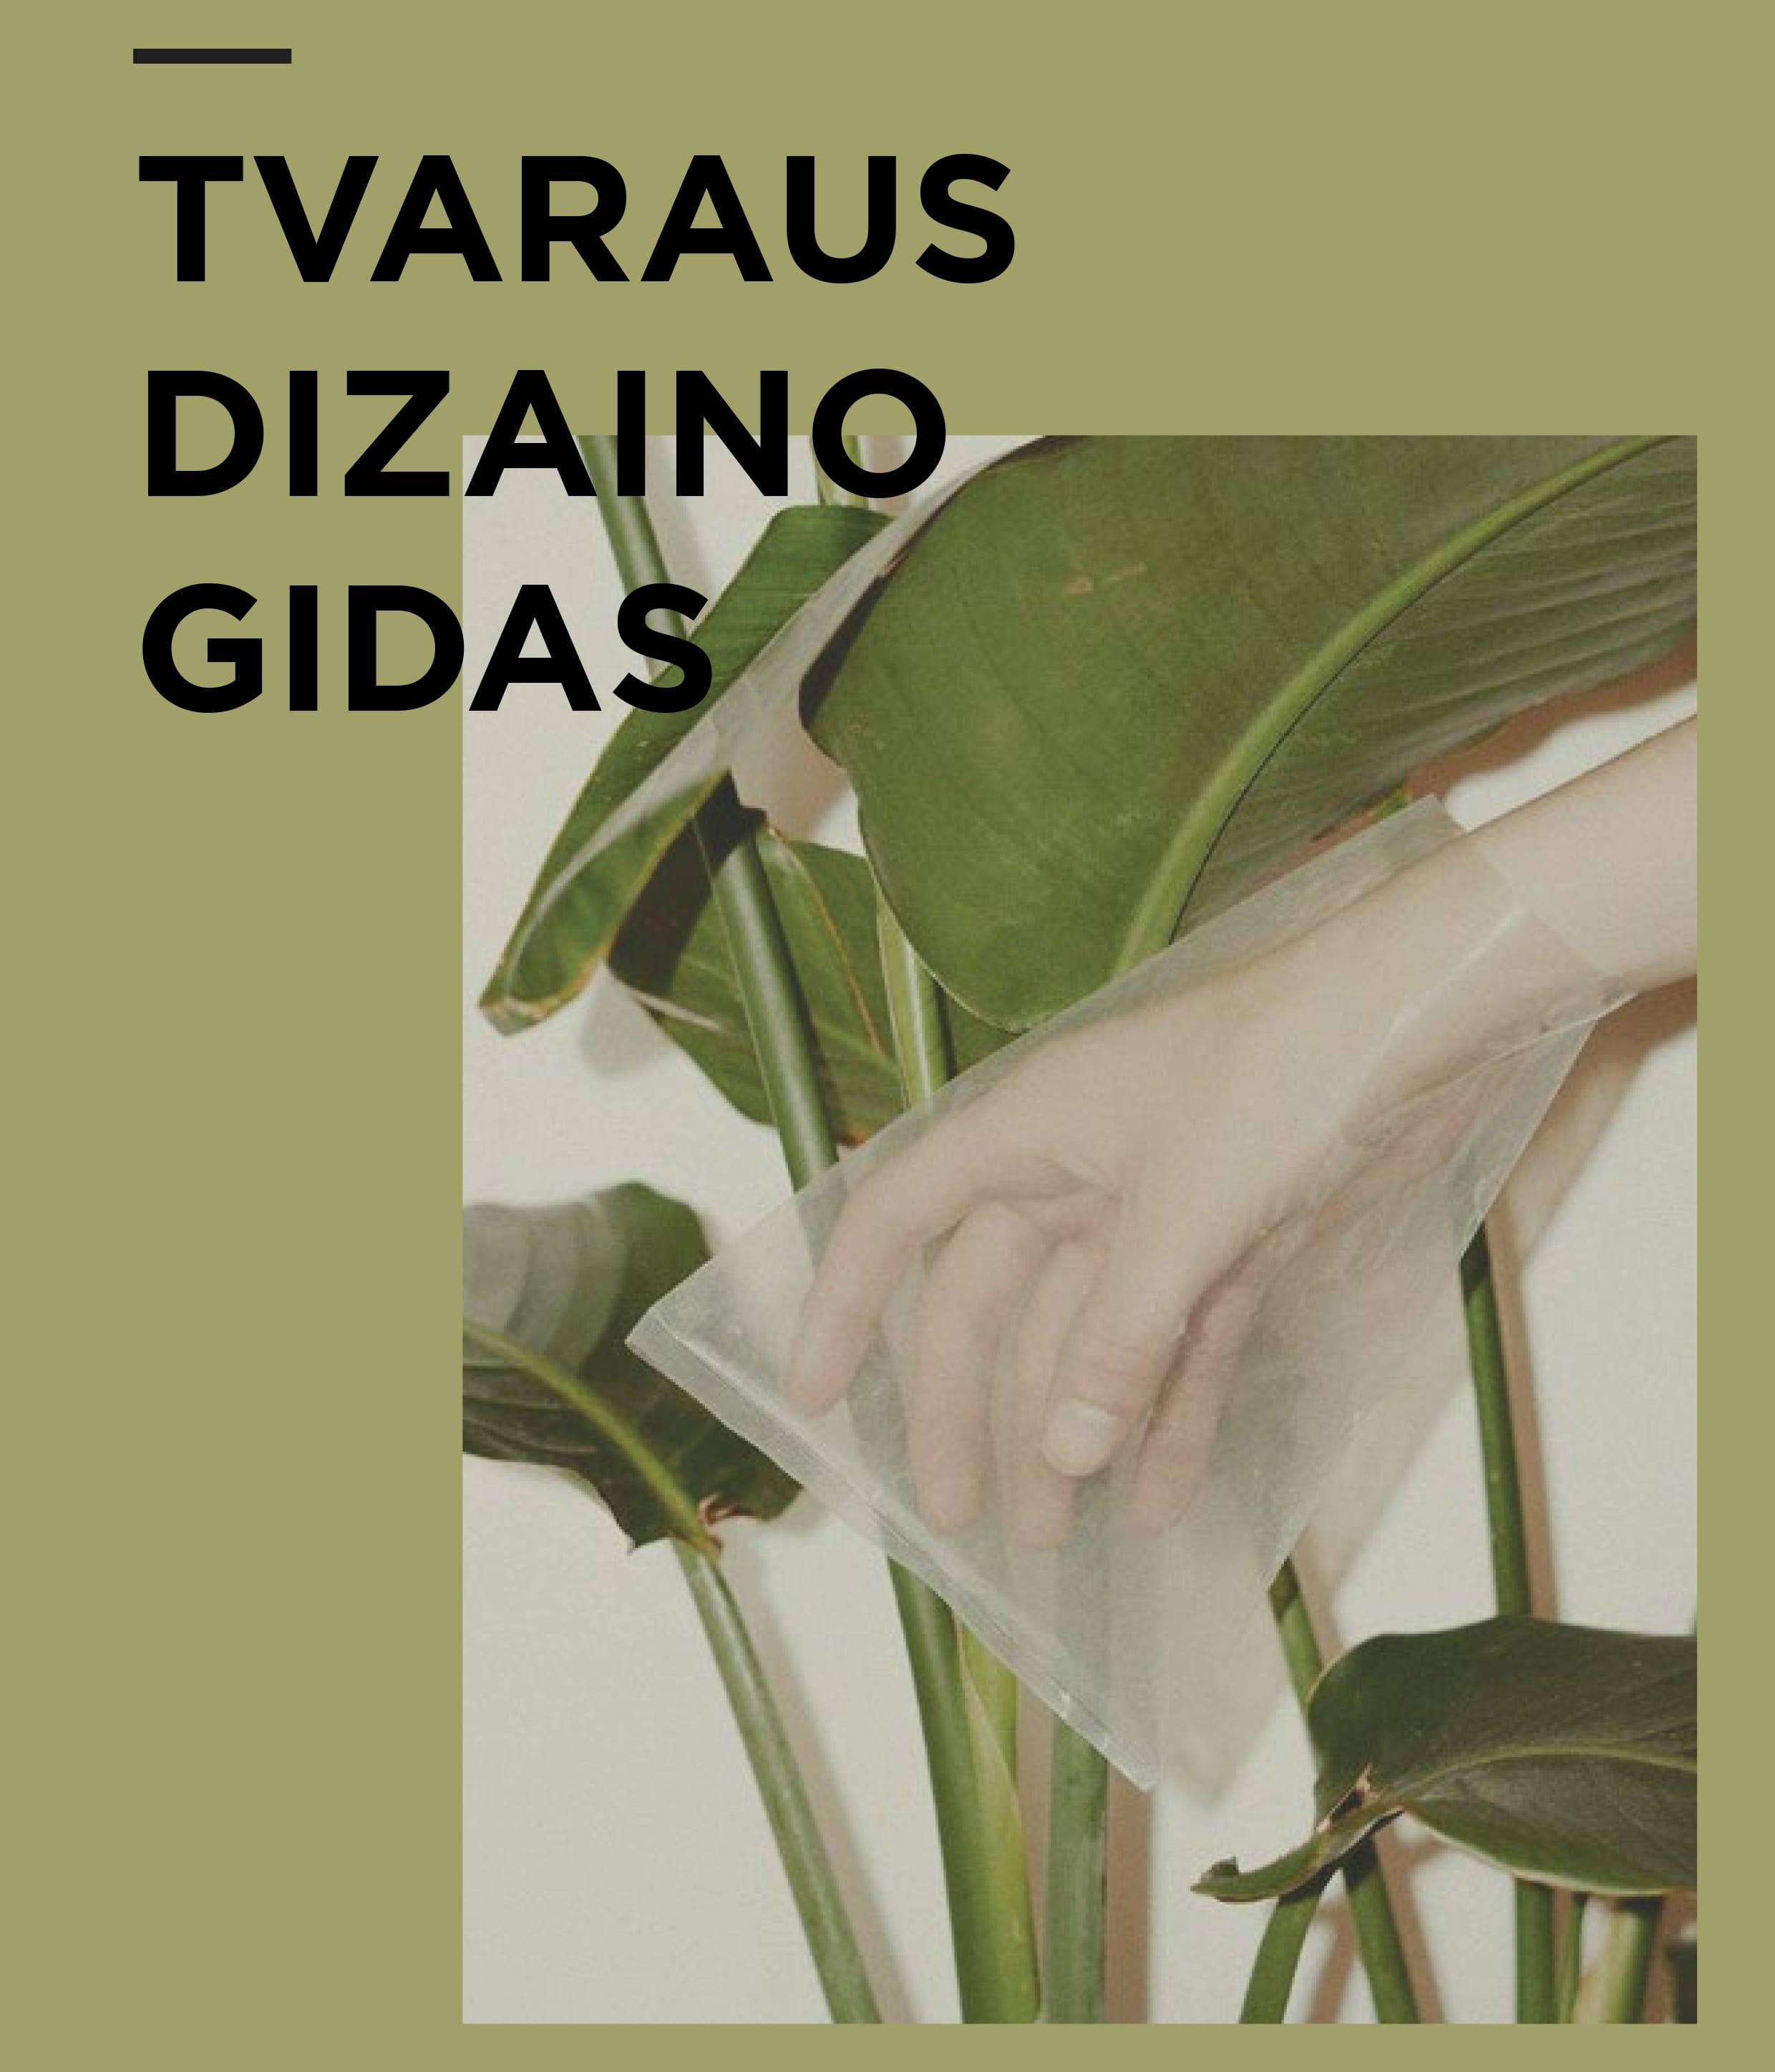 TVARAUS DIZAINO GIDAS